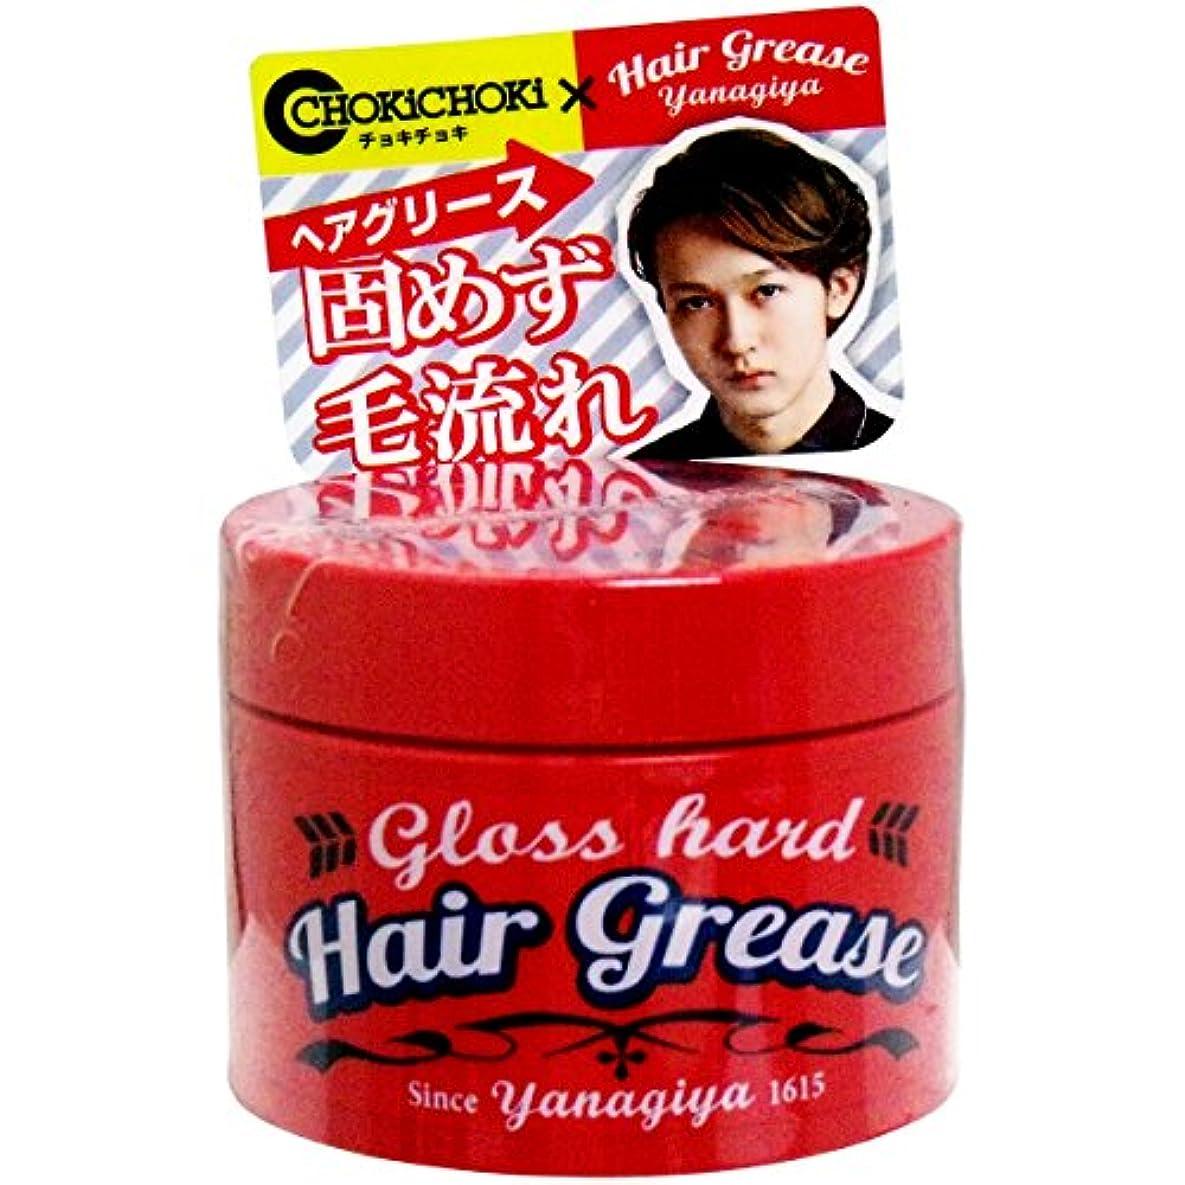 保存縫い目証明書ヘアワックス 固めず毛流れ 使いやすい YANAGIYA ヘアグリース グロスハード 90g入【5個セット】